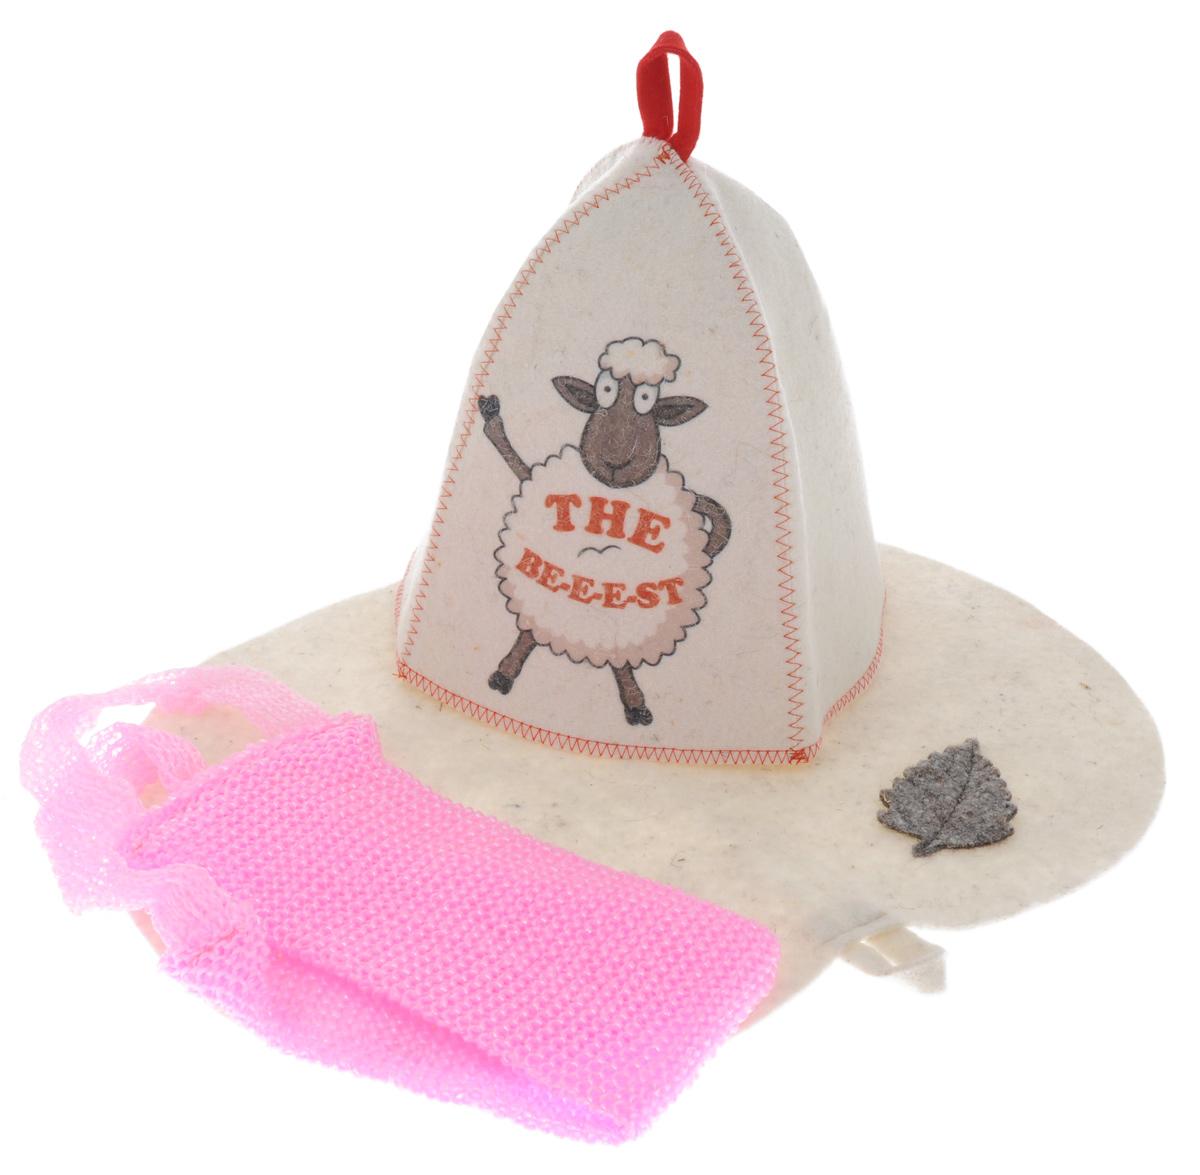 Набор для бани Главбаня The Be-e-e-st, цвет: белый, розовый, 3 предметаБ32313_роз_мочалкаПодарочный набор для бани Главбаня The Be-e-e-st включает все самое необходимое: шапку, овальный коврик и жесткую мочалку. Шапка и коврик выполнены из войлока (шерсть с добавлением полиэфира). Шапка оформлена изображением забавной овечки, коврик украшен аппликацией в виде листика. Мочалка изготовлена из полипропилена. Шапка, коврик и мочалка - это незаменимые аксессуары для любителей попариться в русской бане и для тех, кто предпочитает сухой жар финской бани. Необычный дизайн изделий поможет сделать ваш отдых приятным и разнообразным. Шапка защитит волосы от сухости и ломкости, голову от перегрева и предотвратит появление головокружения, а коврик защитит от высоких температур. Мочалка прекрасно отшелушивает и очищает кожу, а также оказывает антицеллюлитный эффект. На изделиях имеются петельки, с помощью которых их можно повесить на крючок в предбаннике. Такой набор станет отличным подарком для любителей отдыха в бане или сауне. Пластиковая...